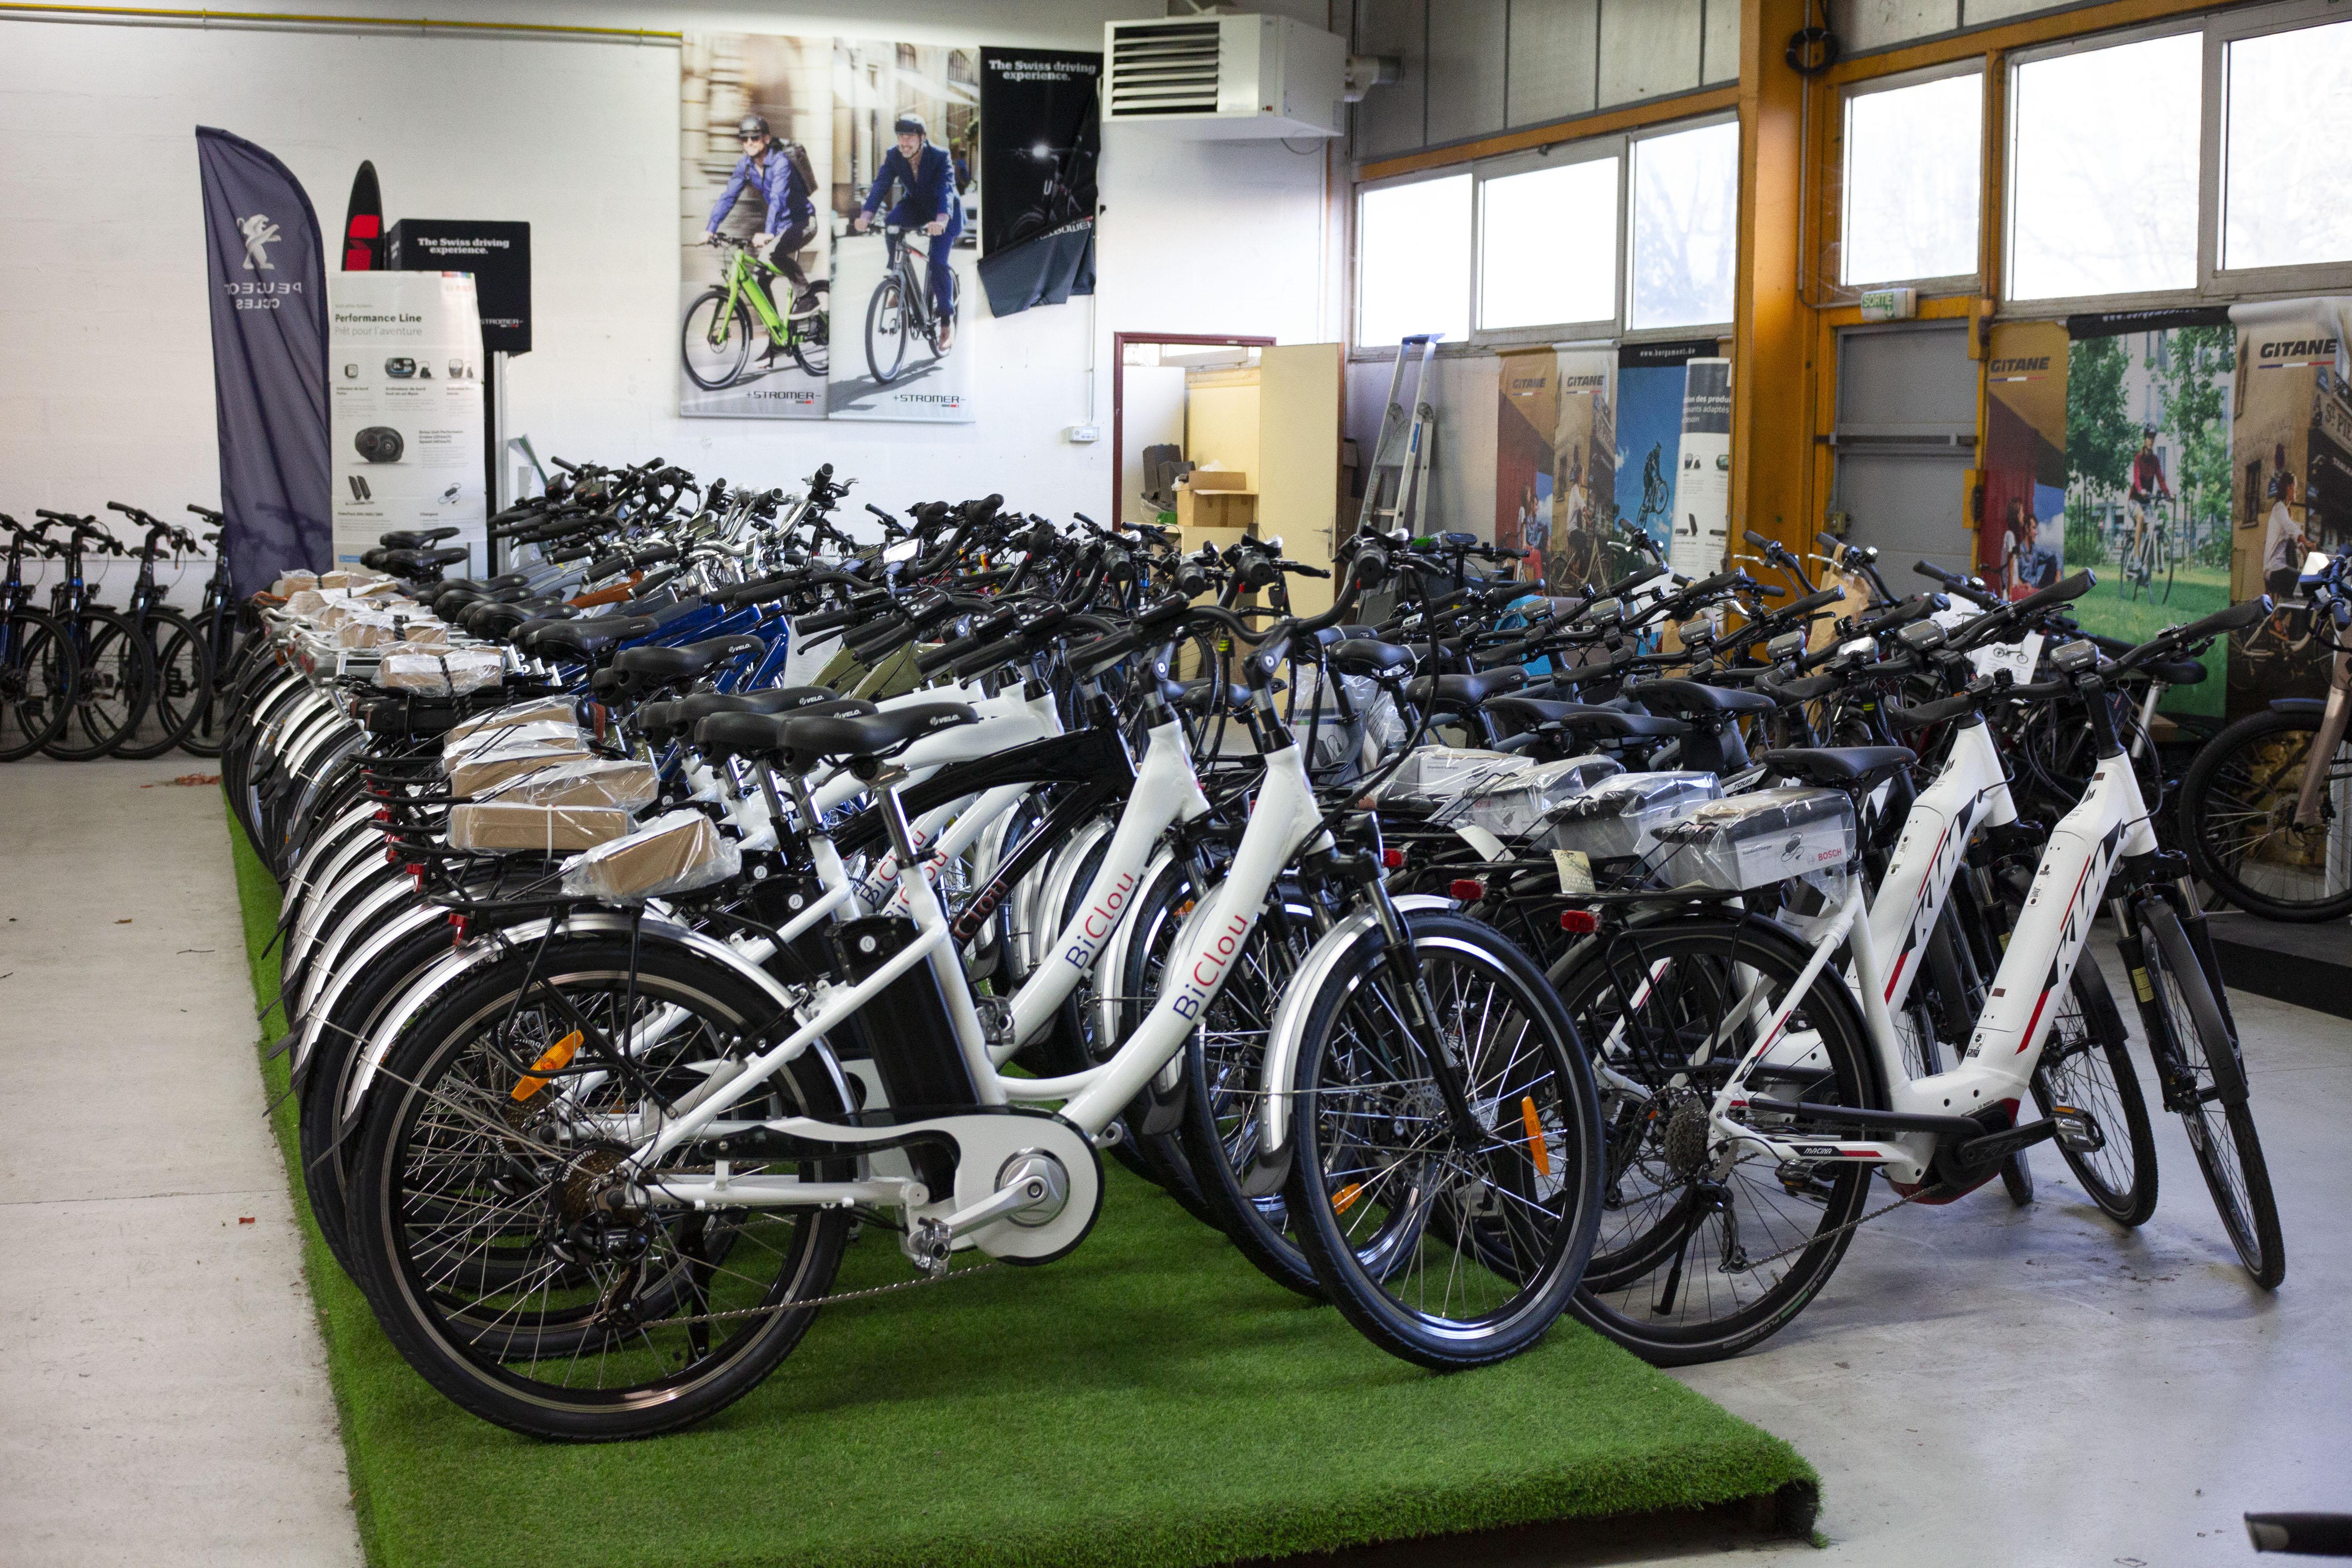 AC-Emotion e-Bike center : un espace dédié aux professionnels qui ont besoin d'une solution de mobilité d'avenir : vélo électrique ou scooter électrique